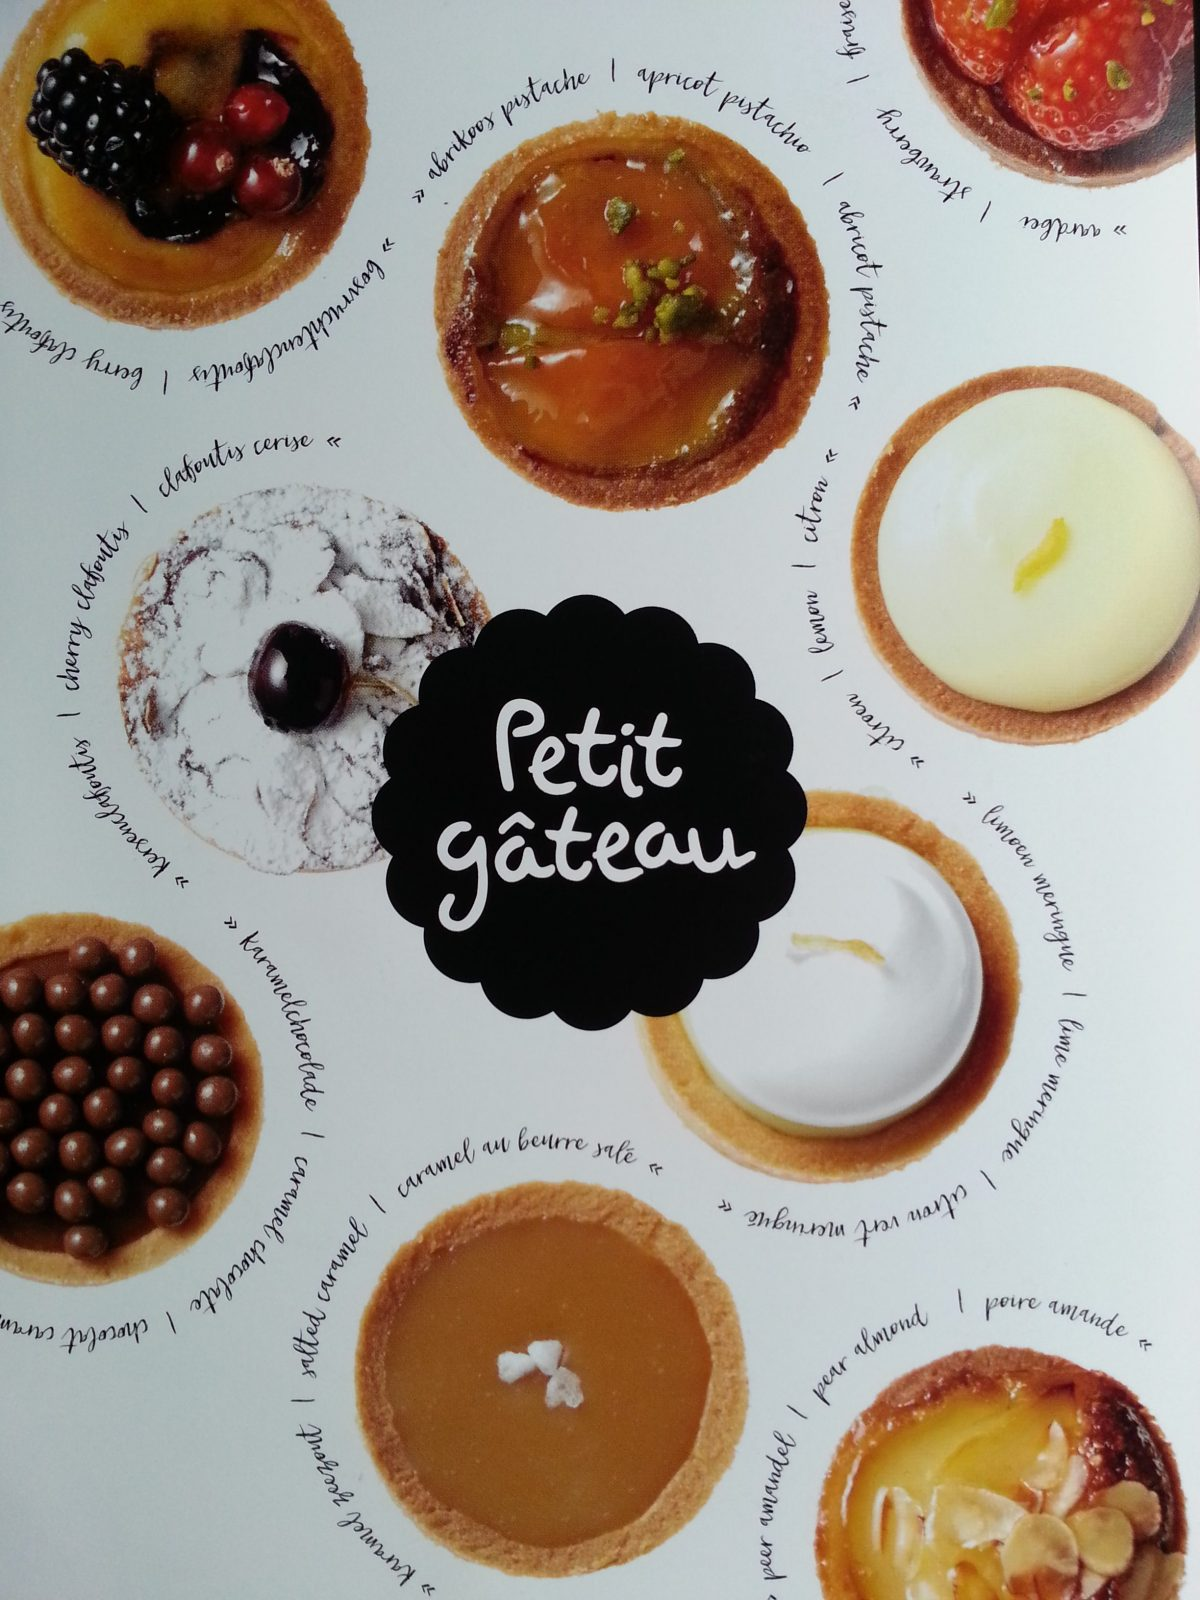 petit gateau アムステルダム プティガトー フランス菓子 オランダ